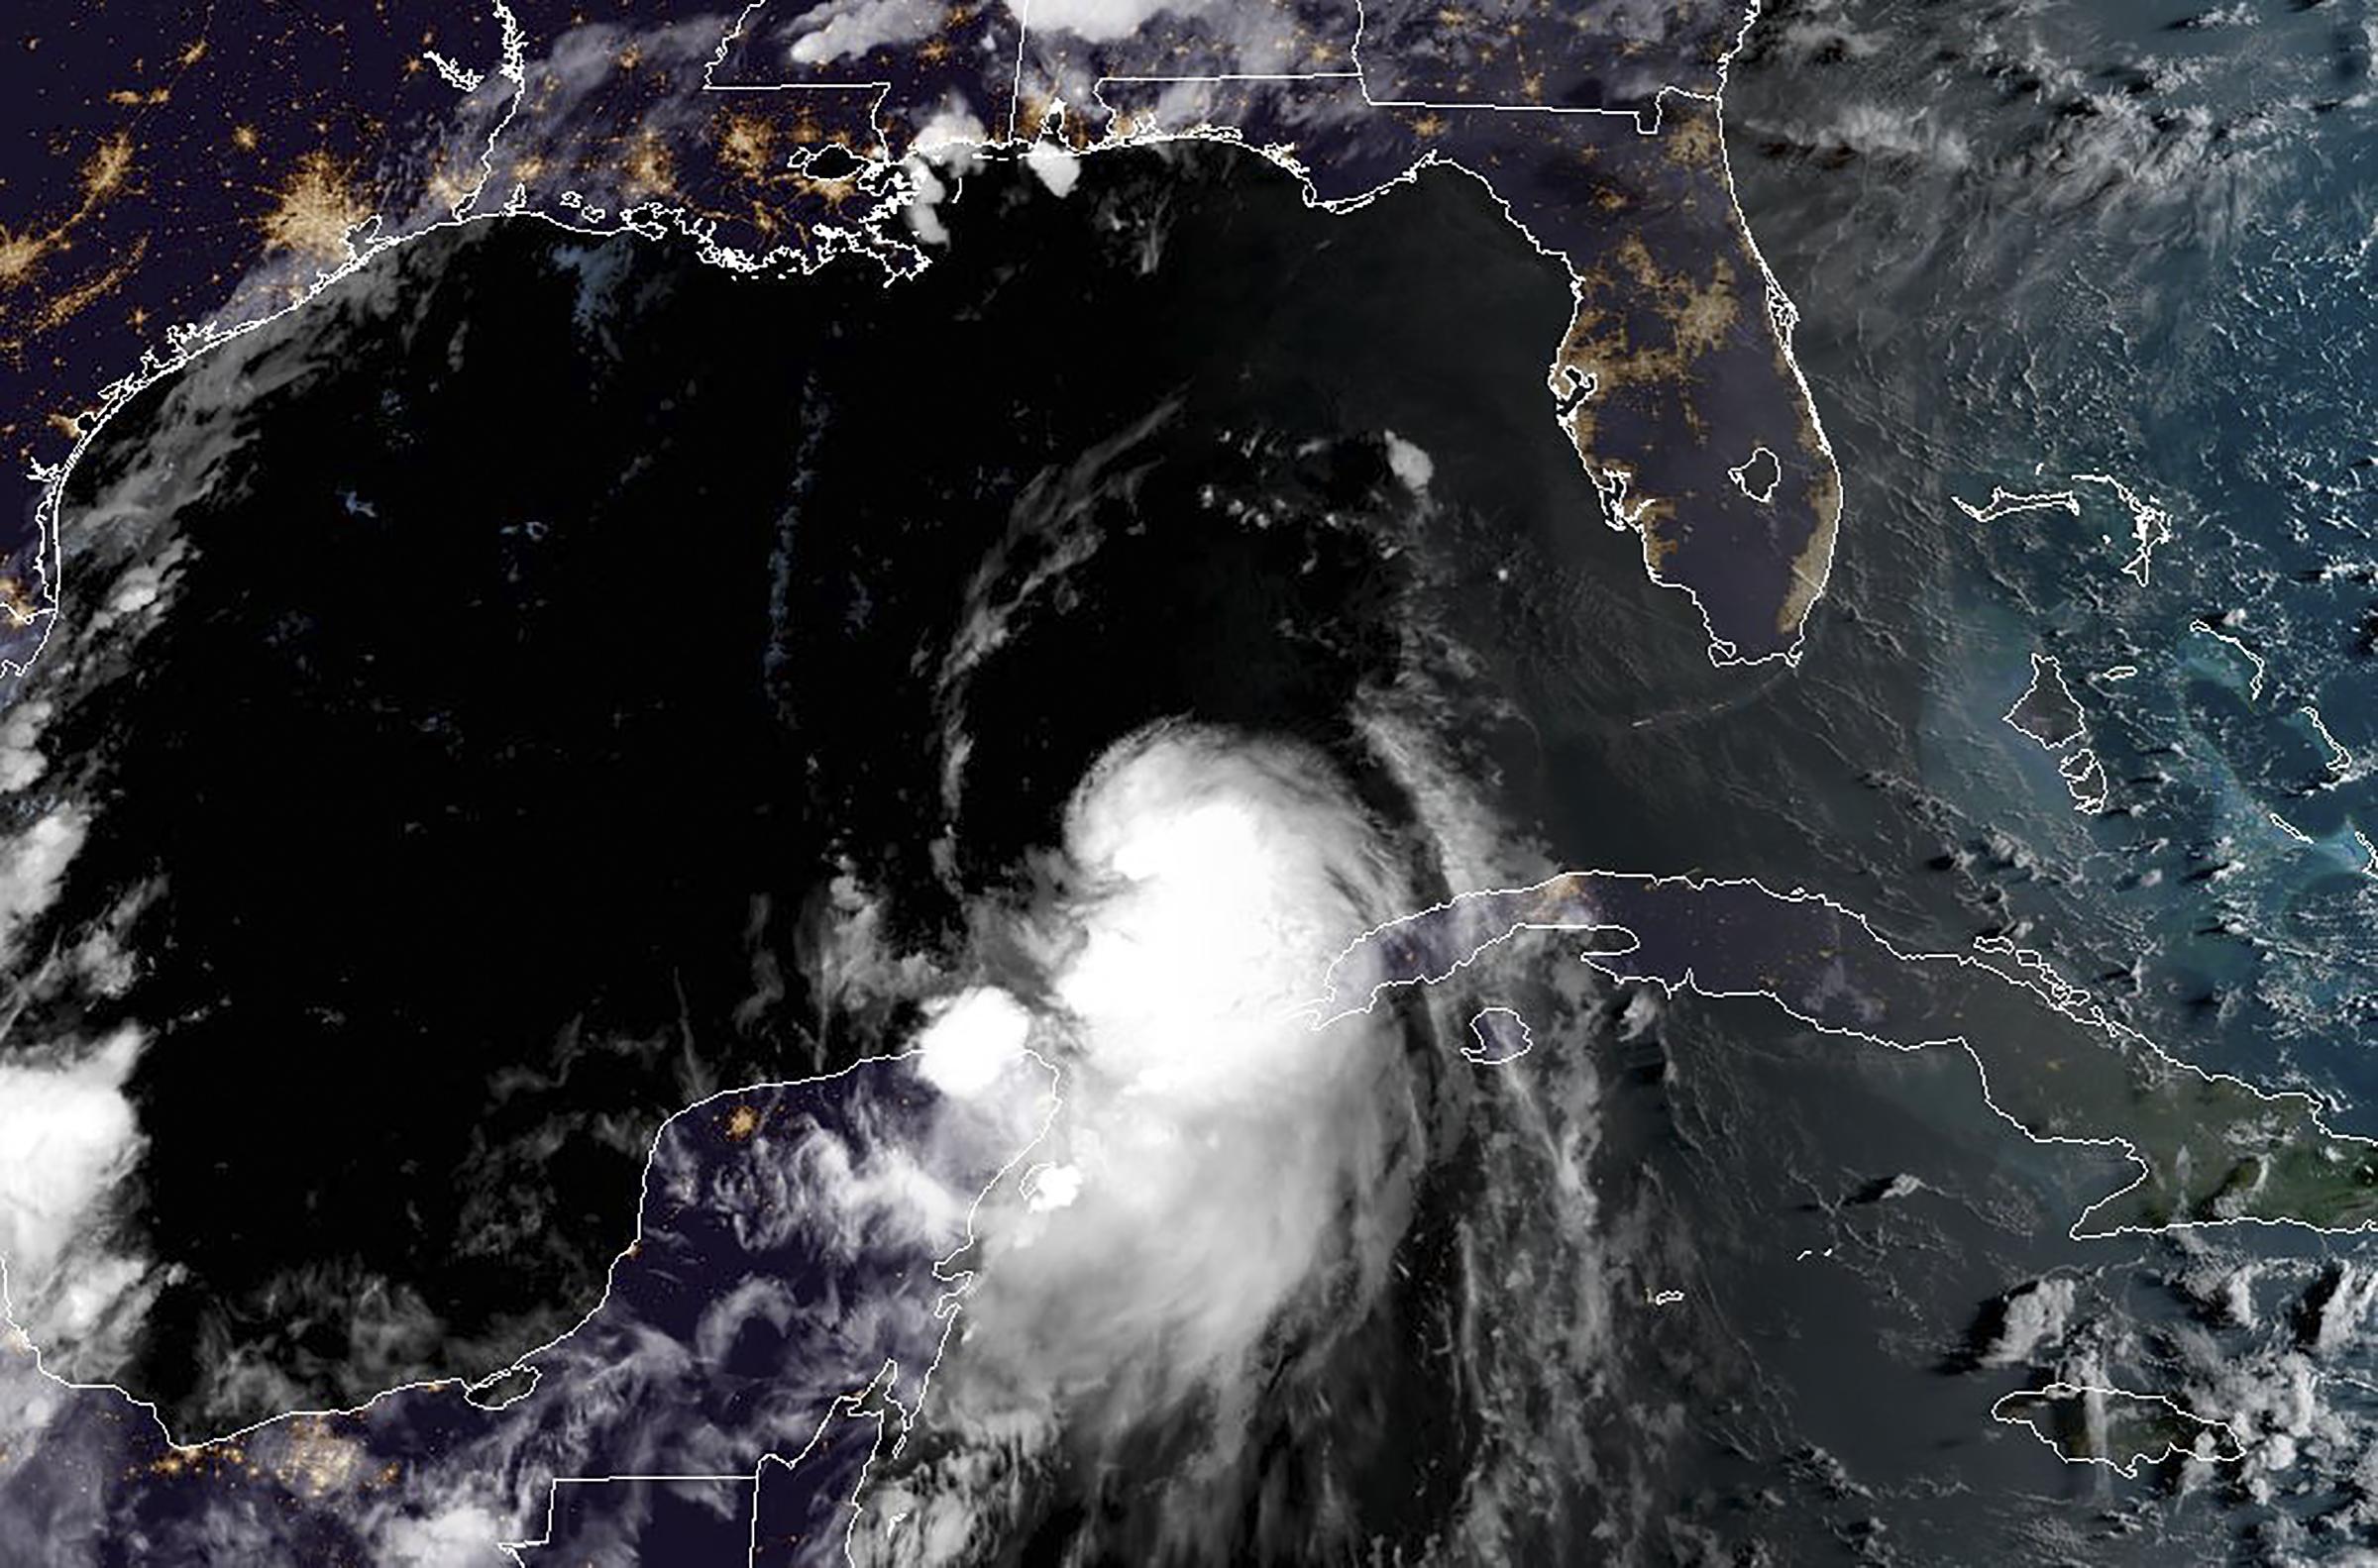 Furacão Laura: EUA podem ser atingidos por furacão Laura nesta quarta-feira | VEJA